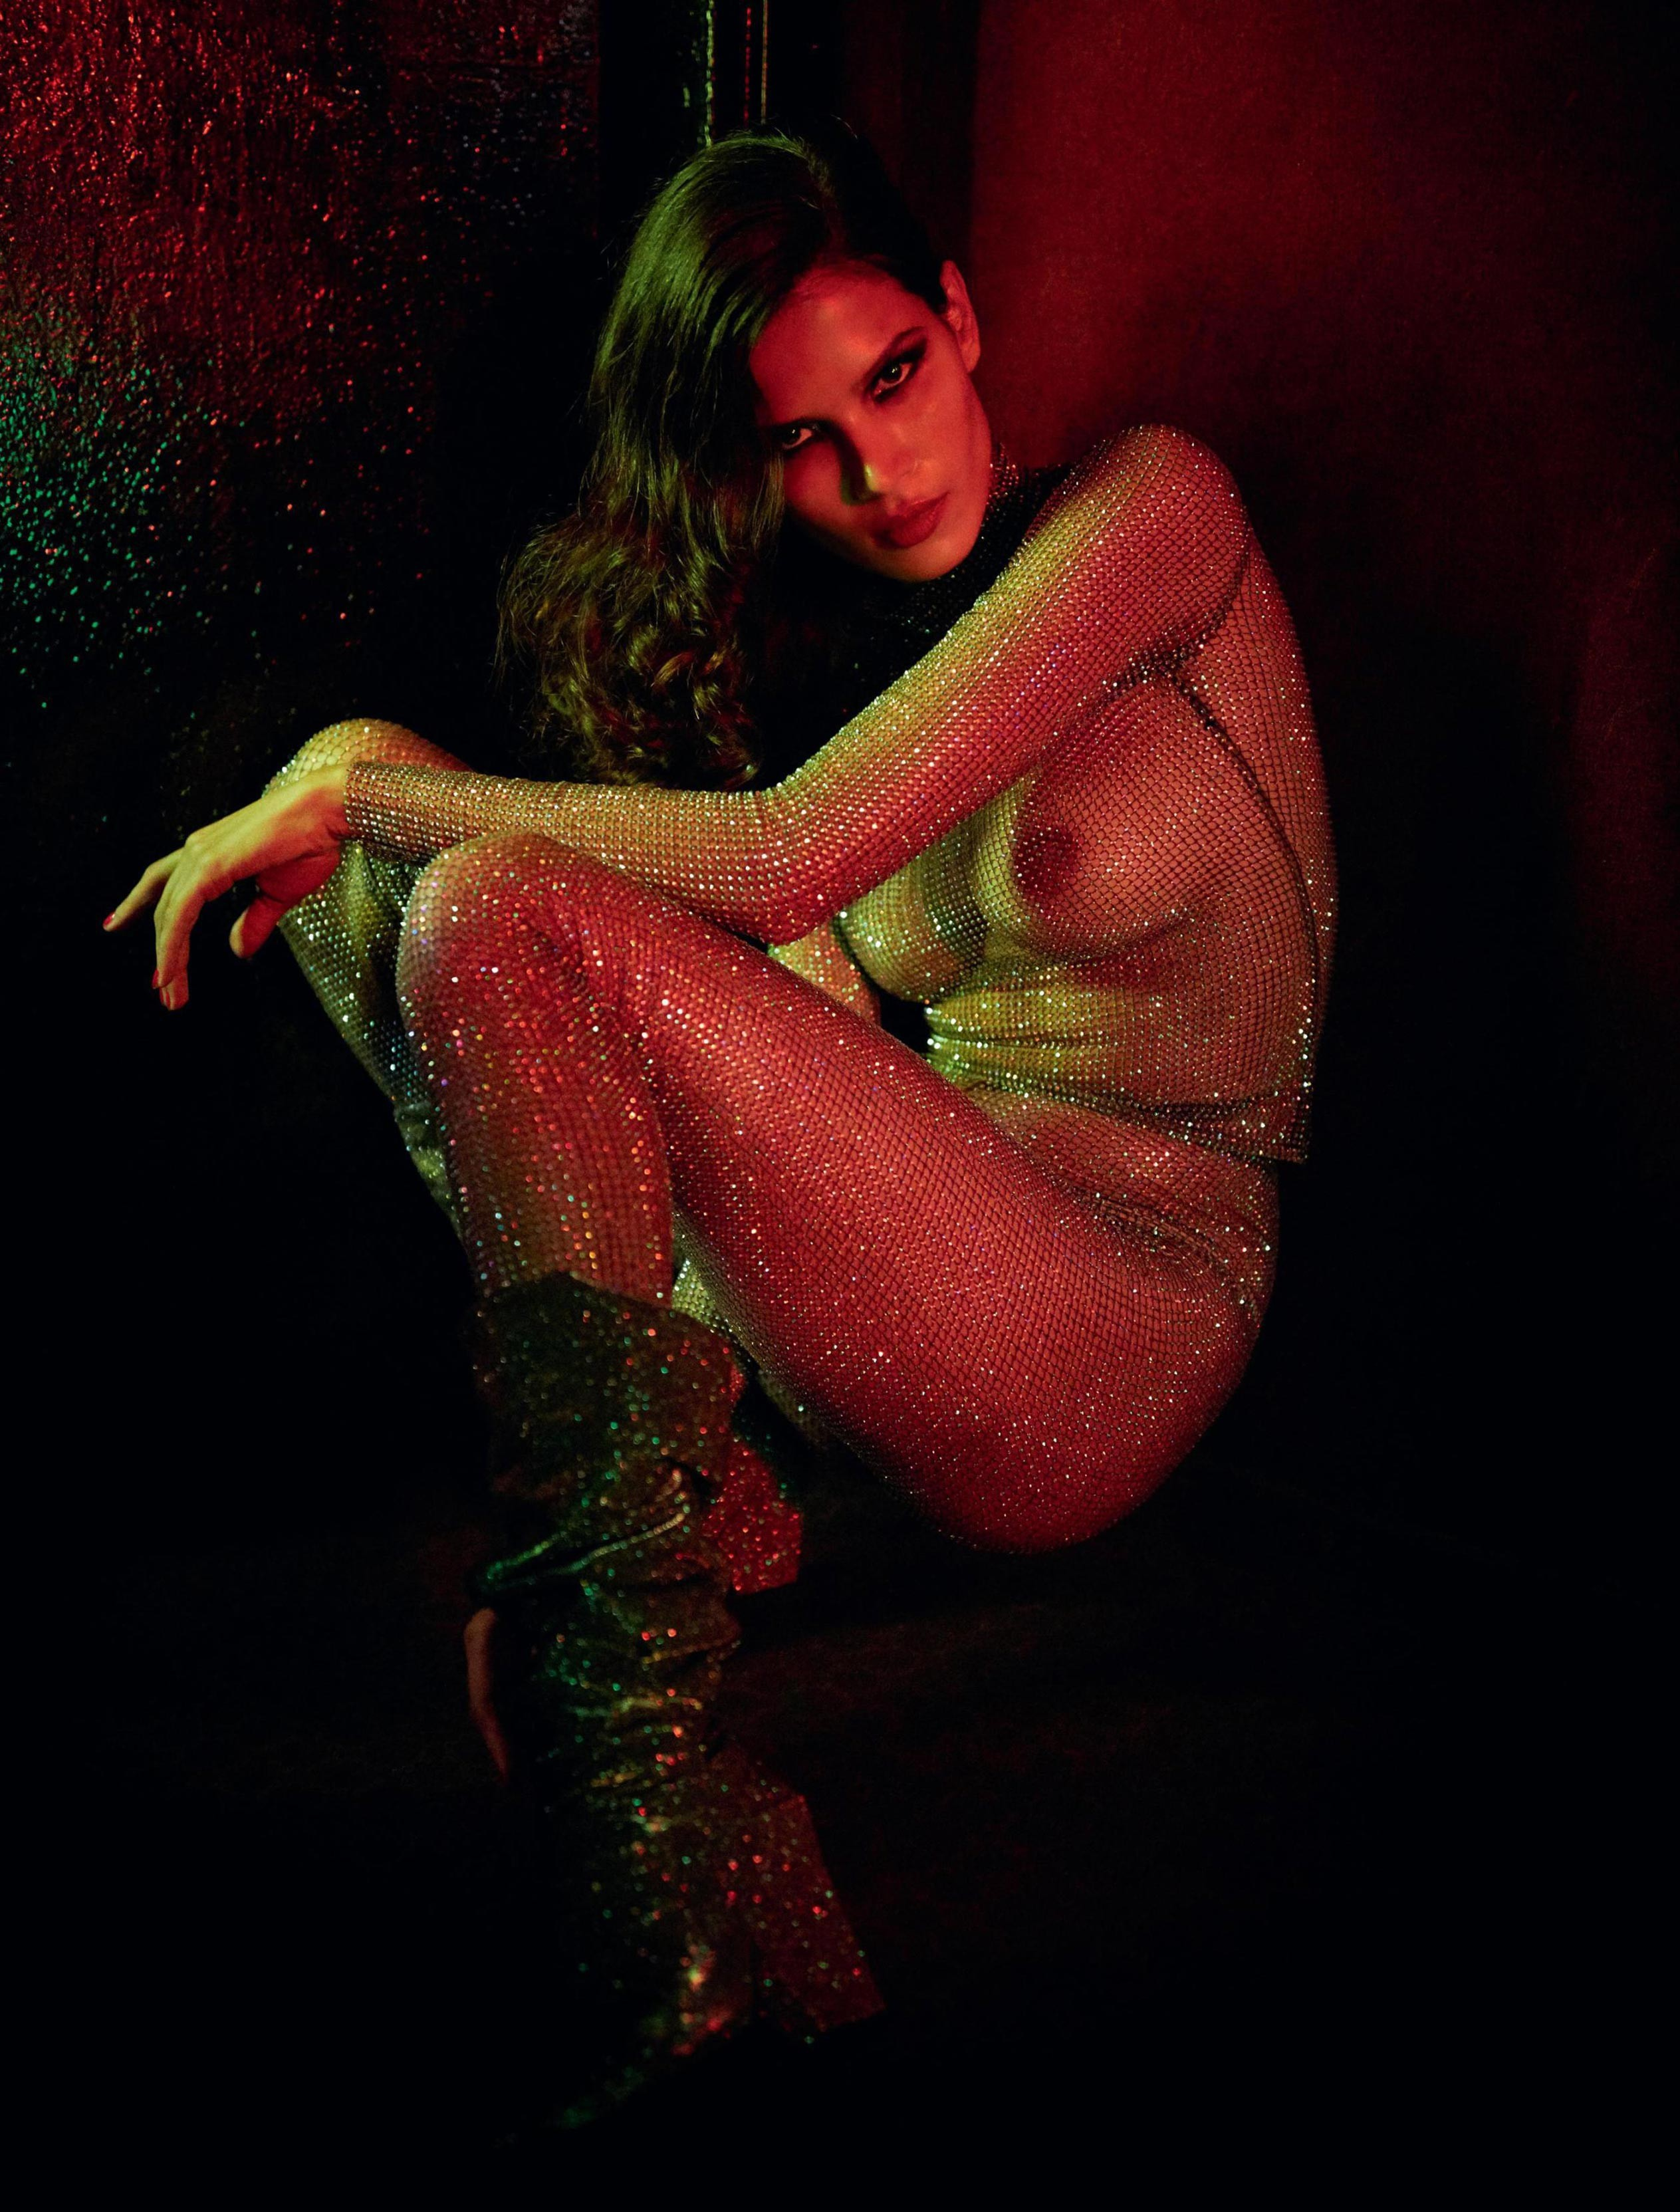 блестящая и сексуальная Райка Оливейра / Raica Oliveira nude by Gaspar Noe - Lui France autumn 2017